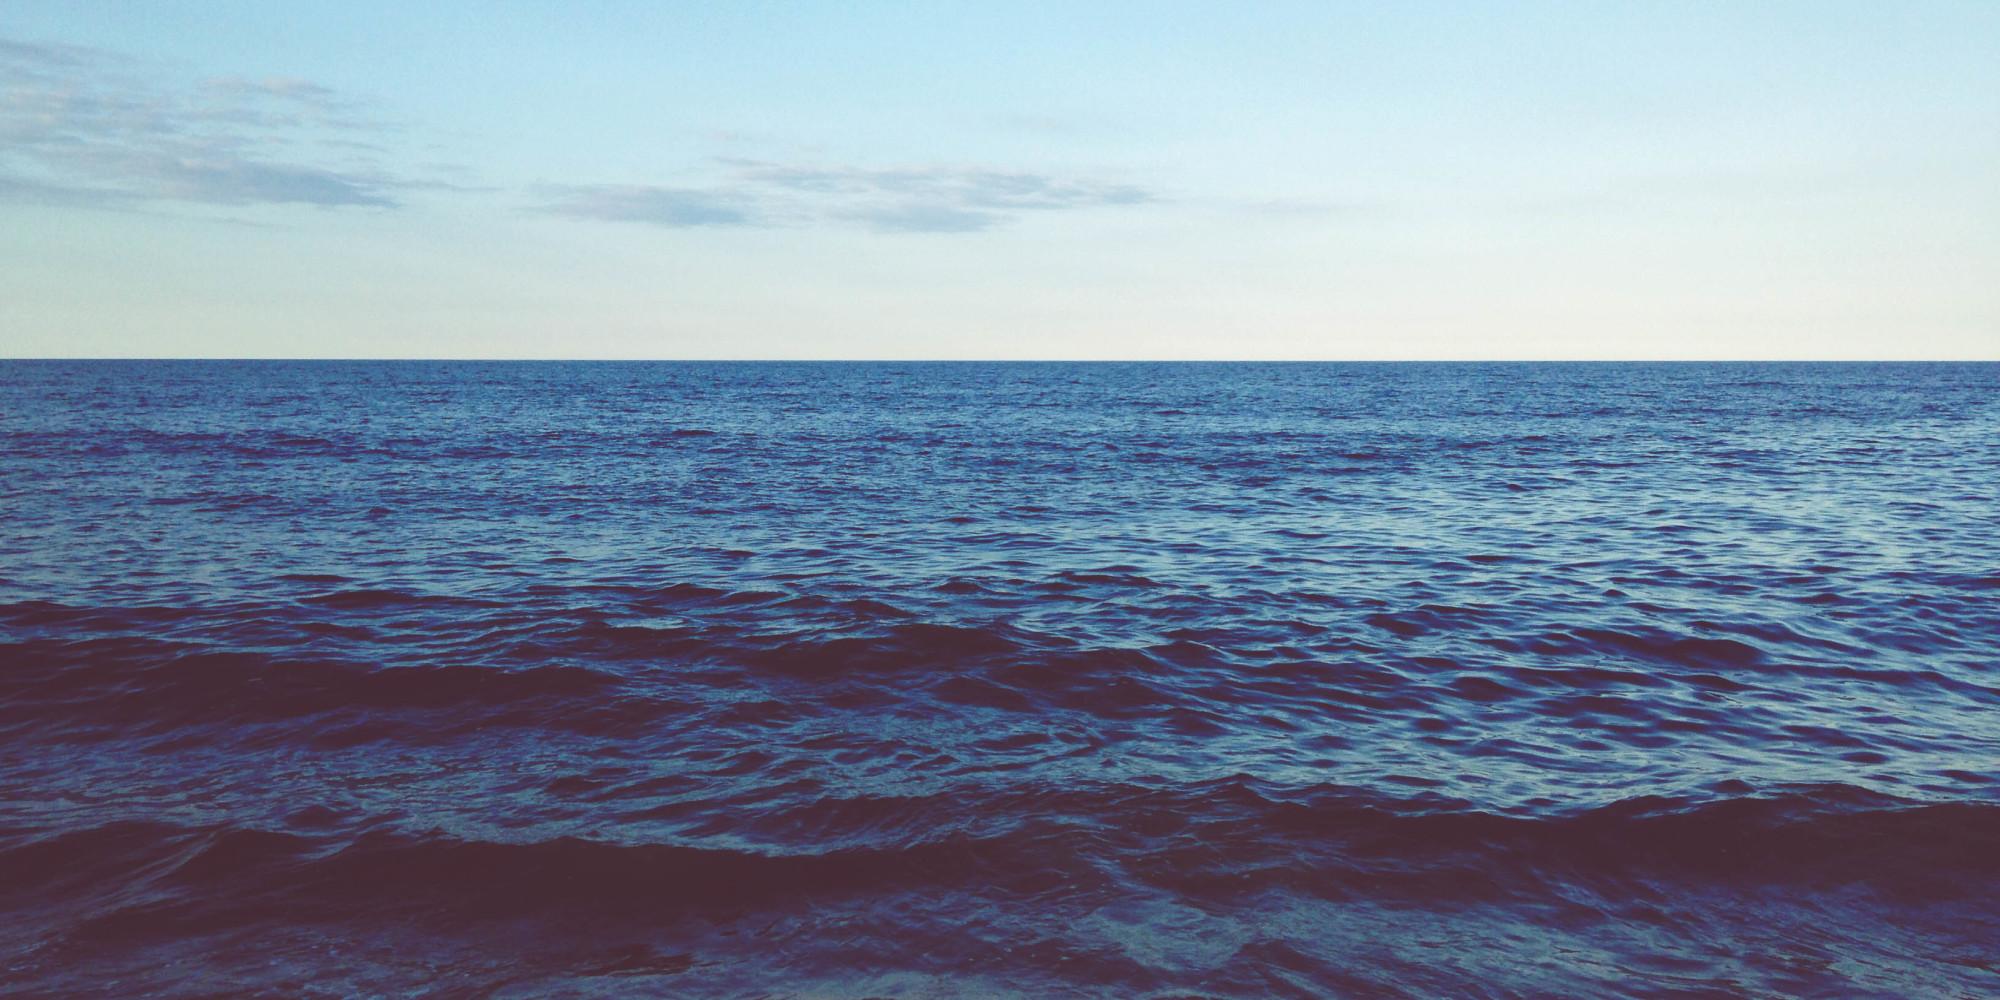 zee en wad 2